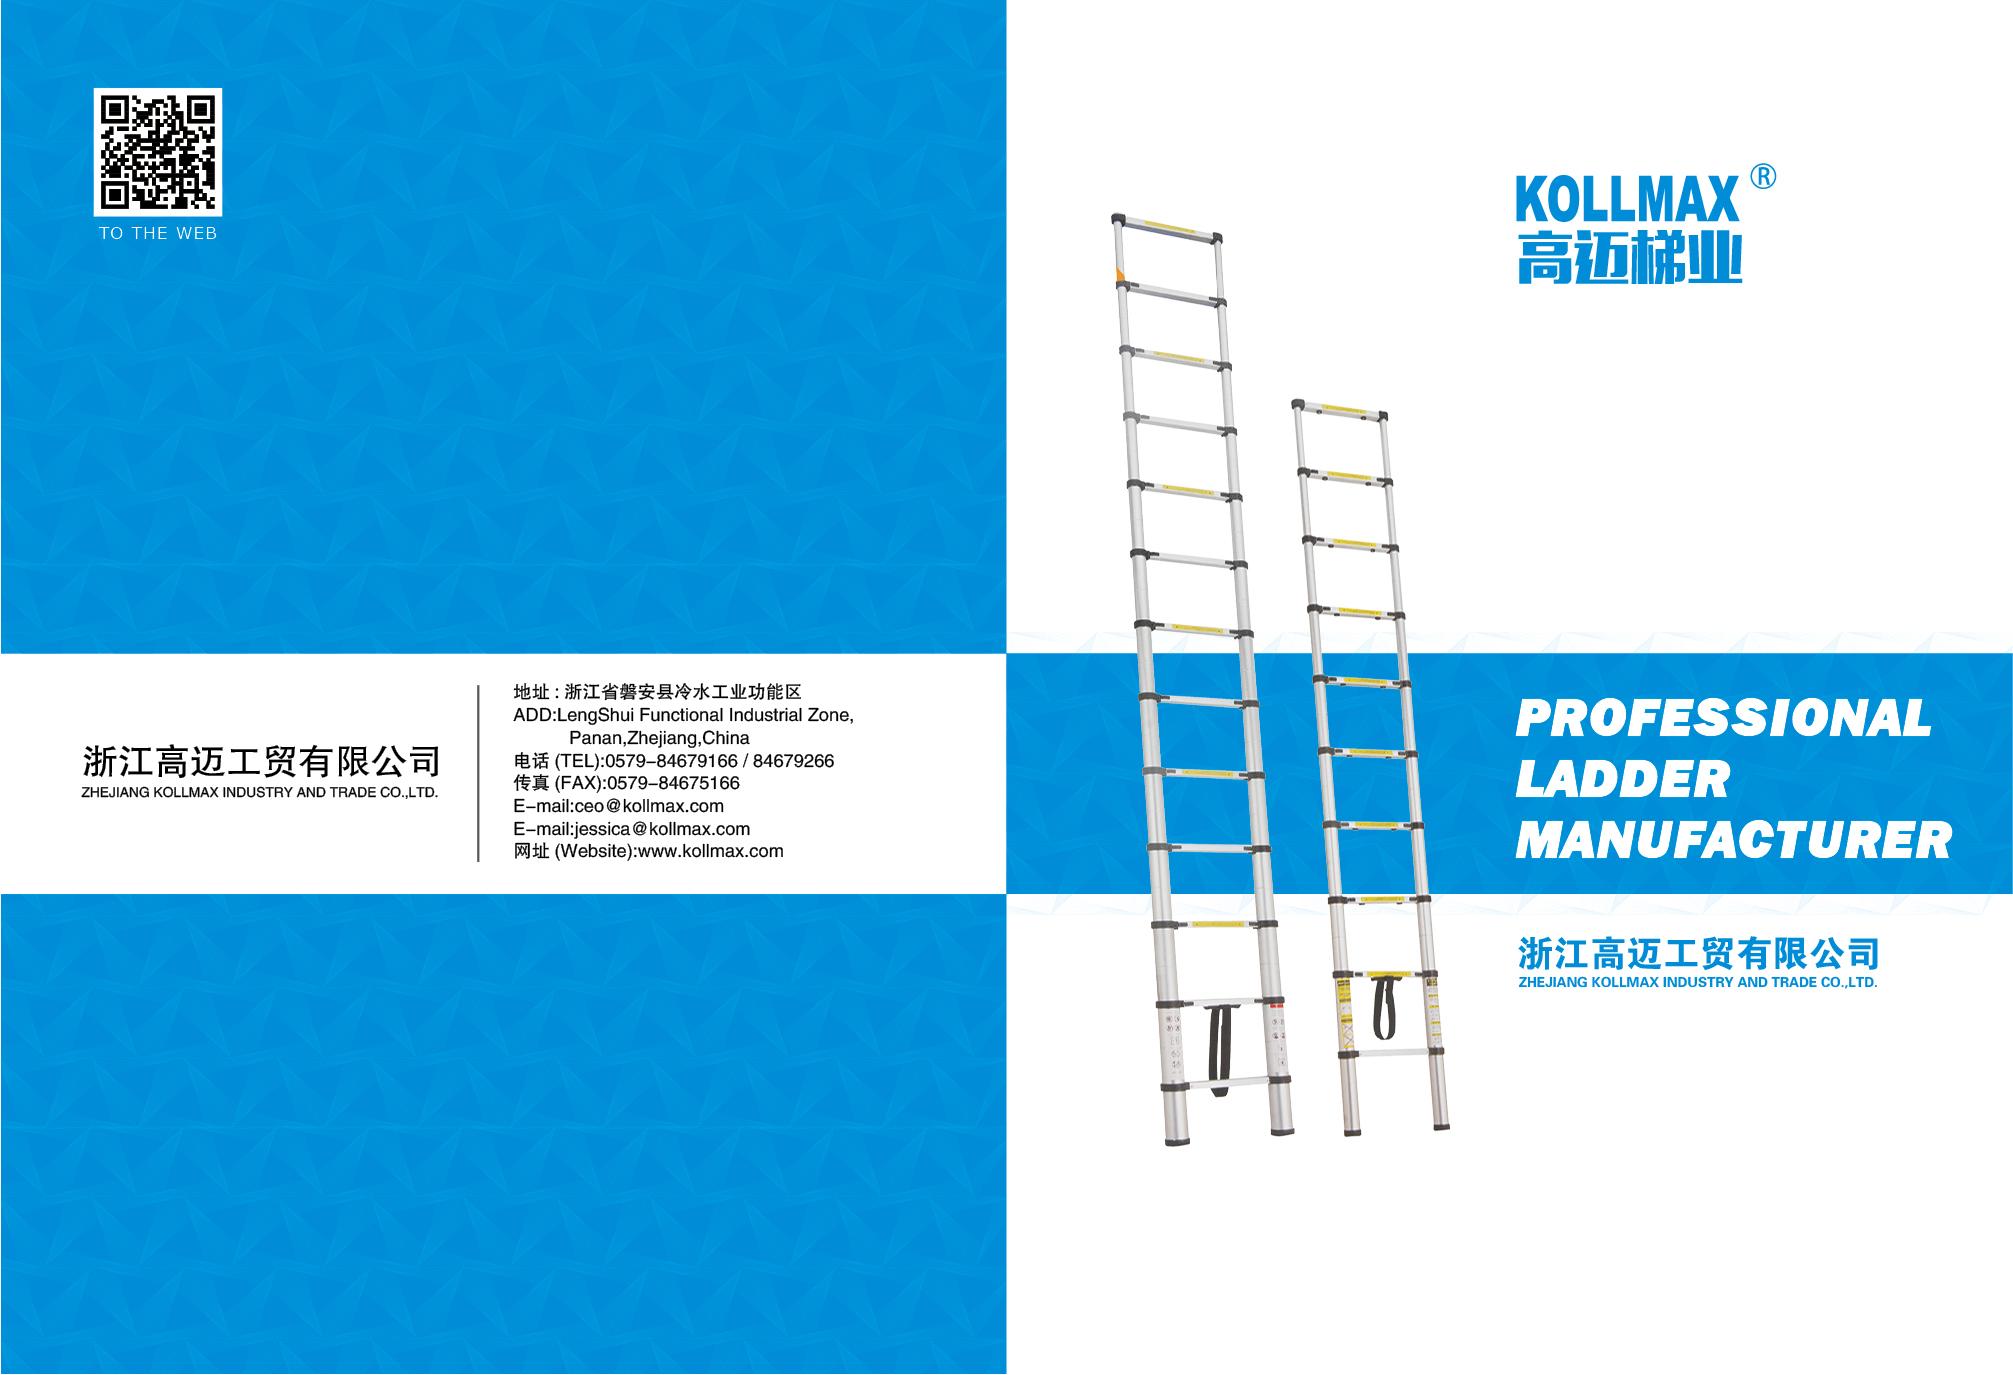 kollmax ladder catlogue